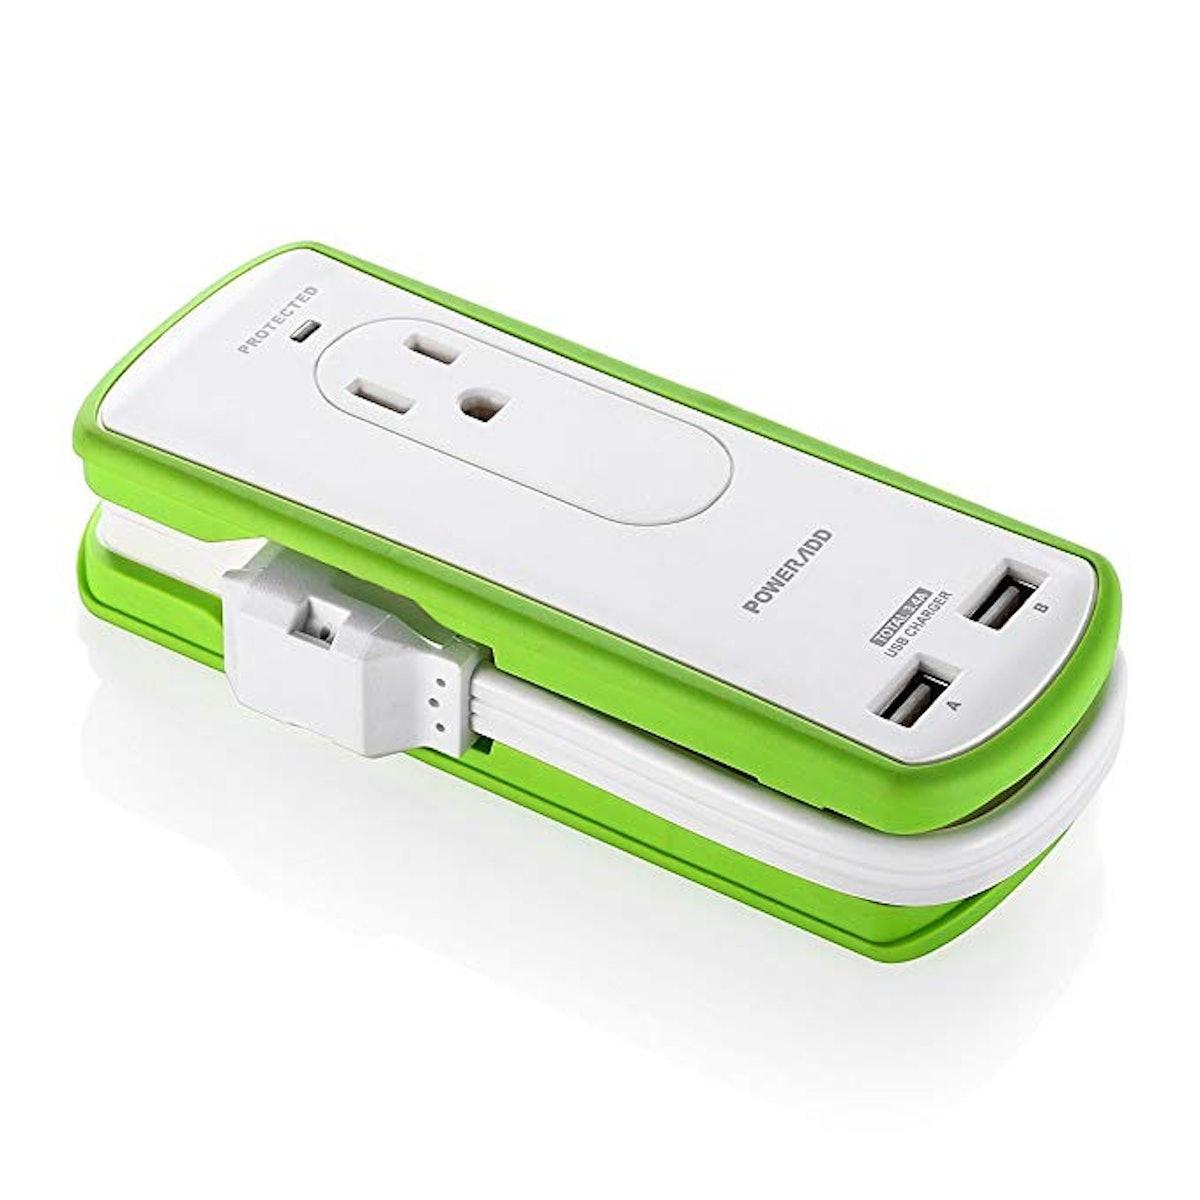 POWERADD Mini Portable Power Strip